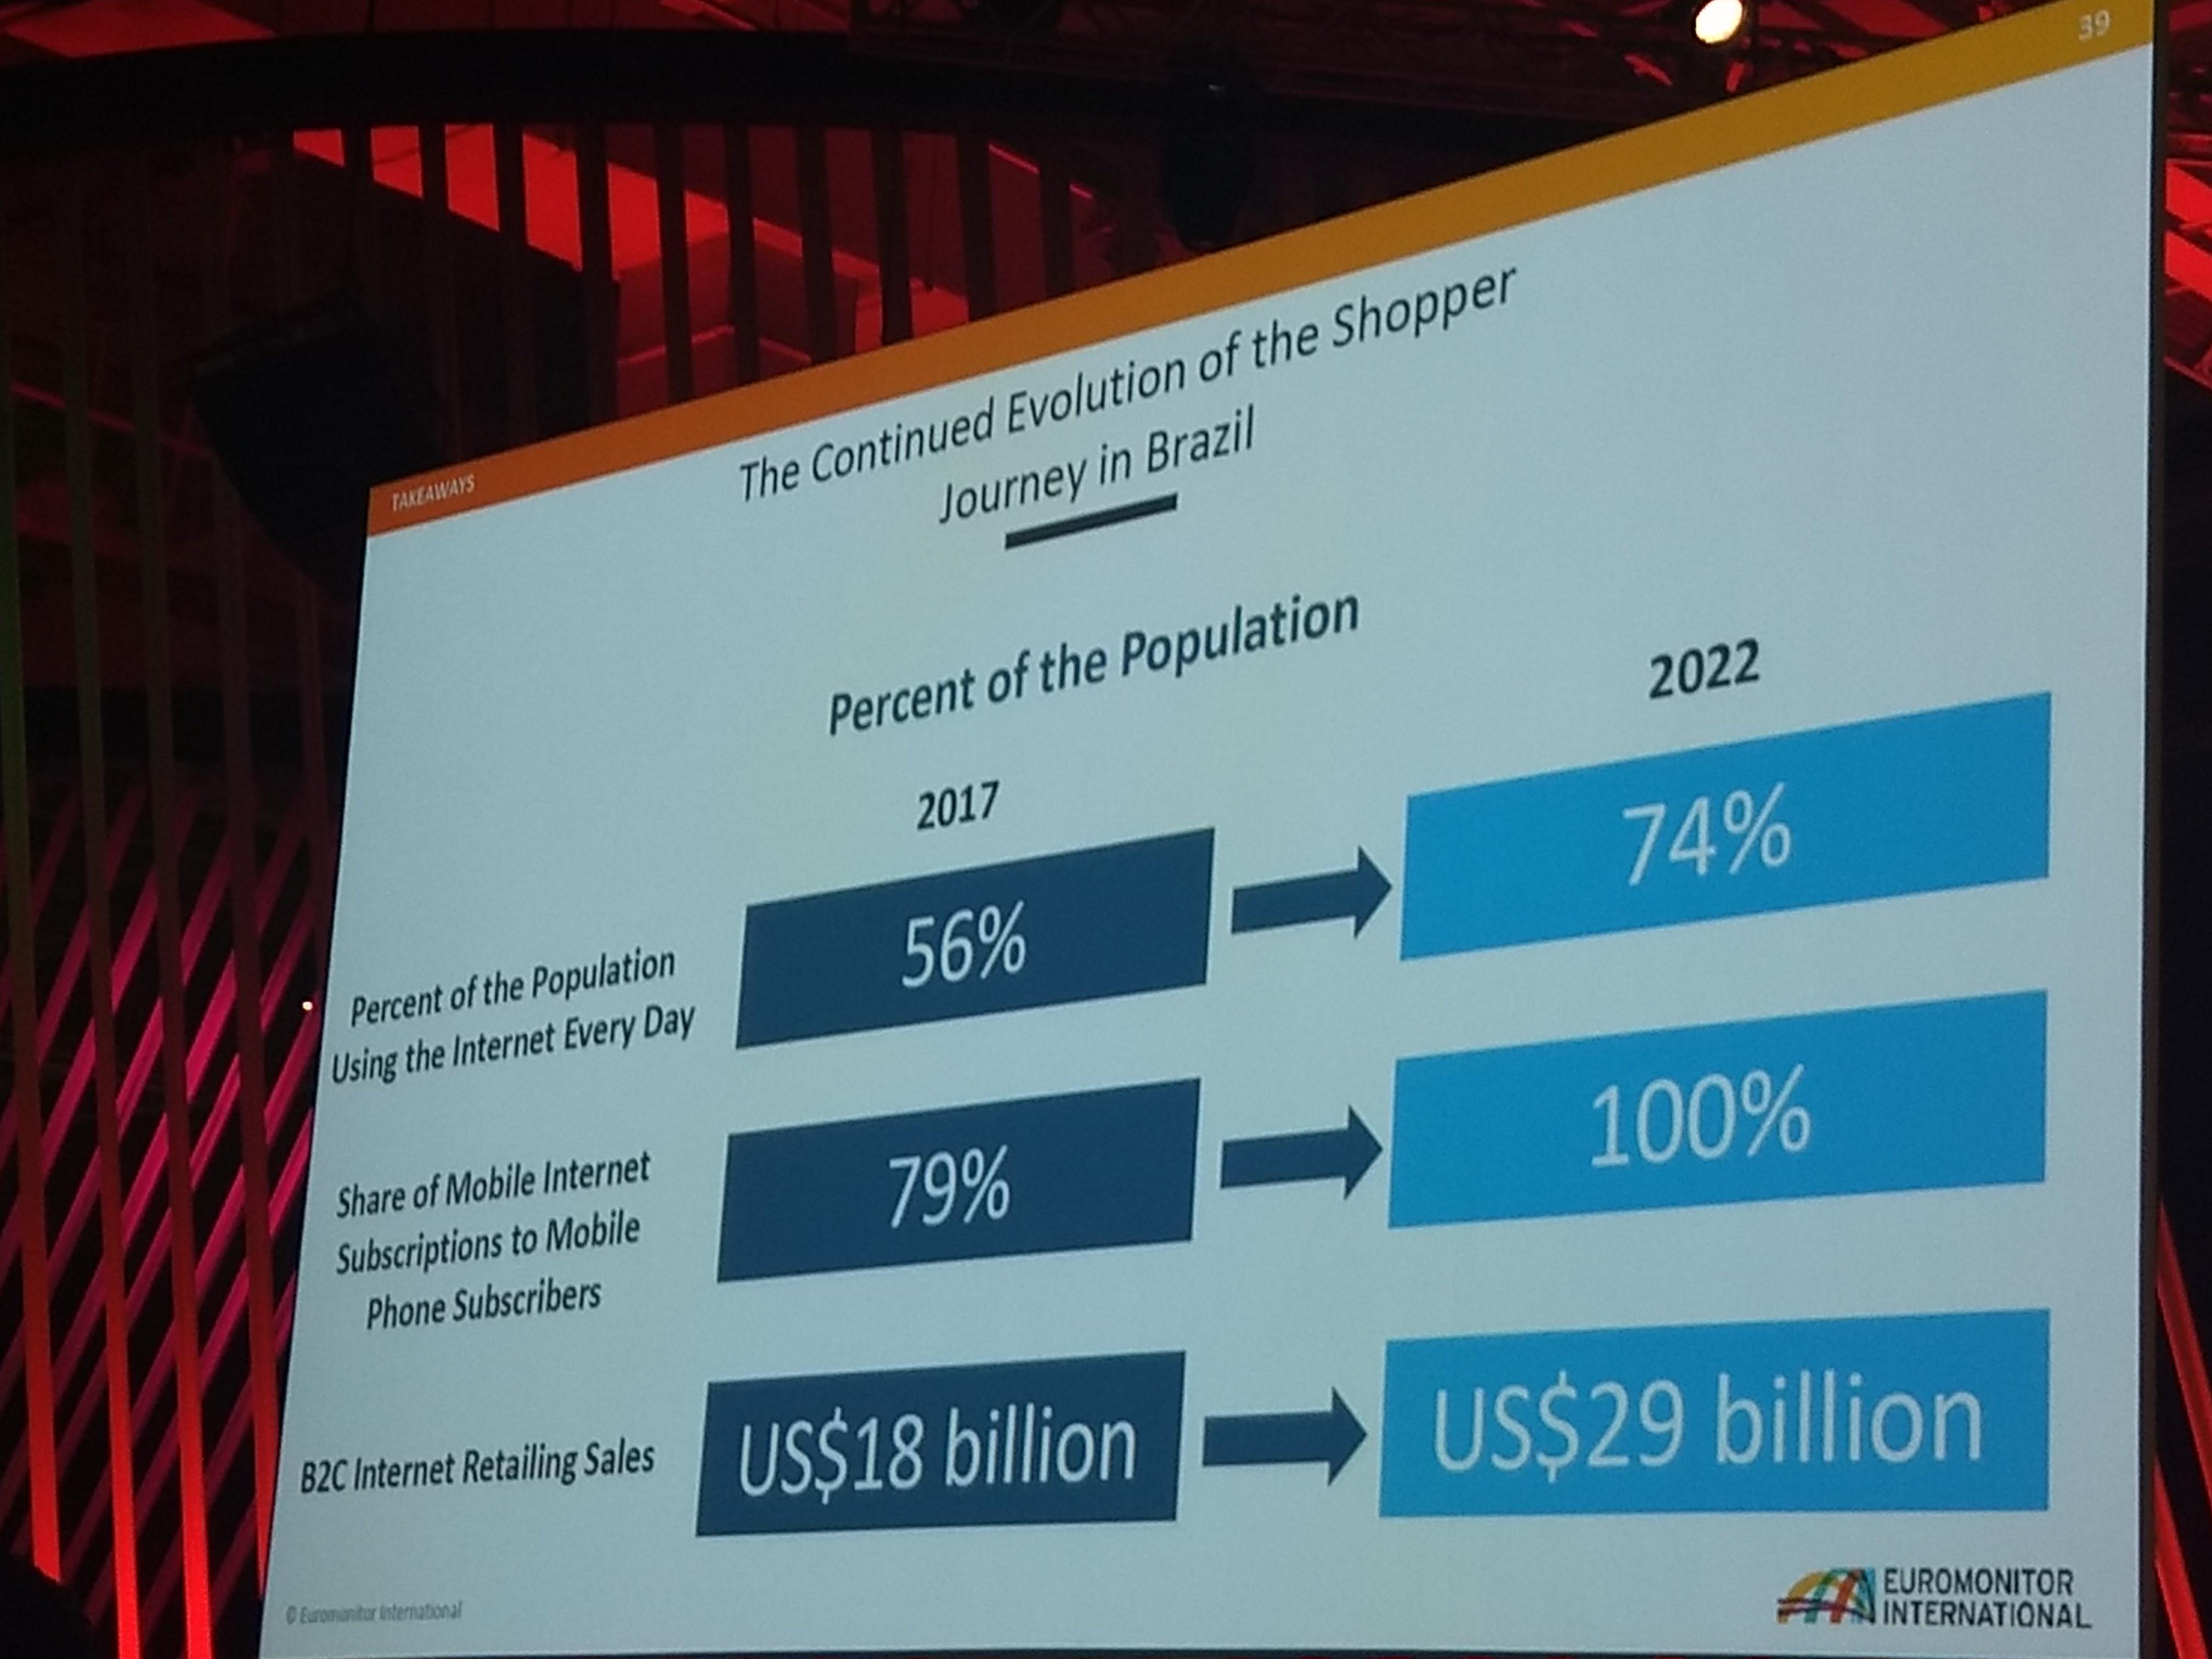 Foto que mostra a evolução da jornada de compra no Brasil com uma comparação dos anos de 2017 e 2022.